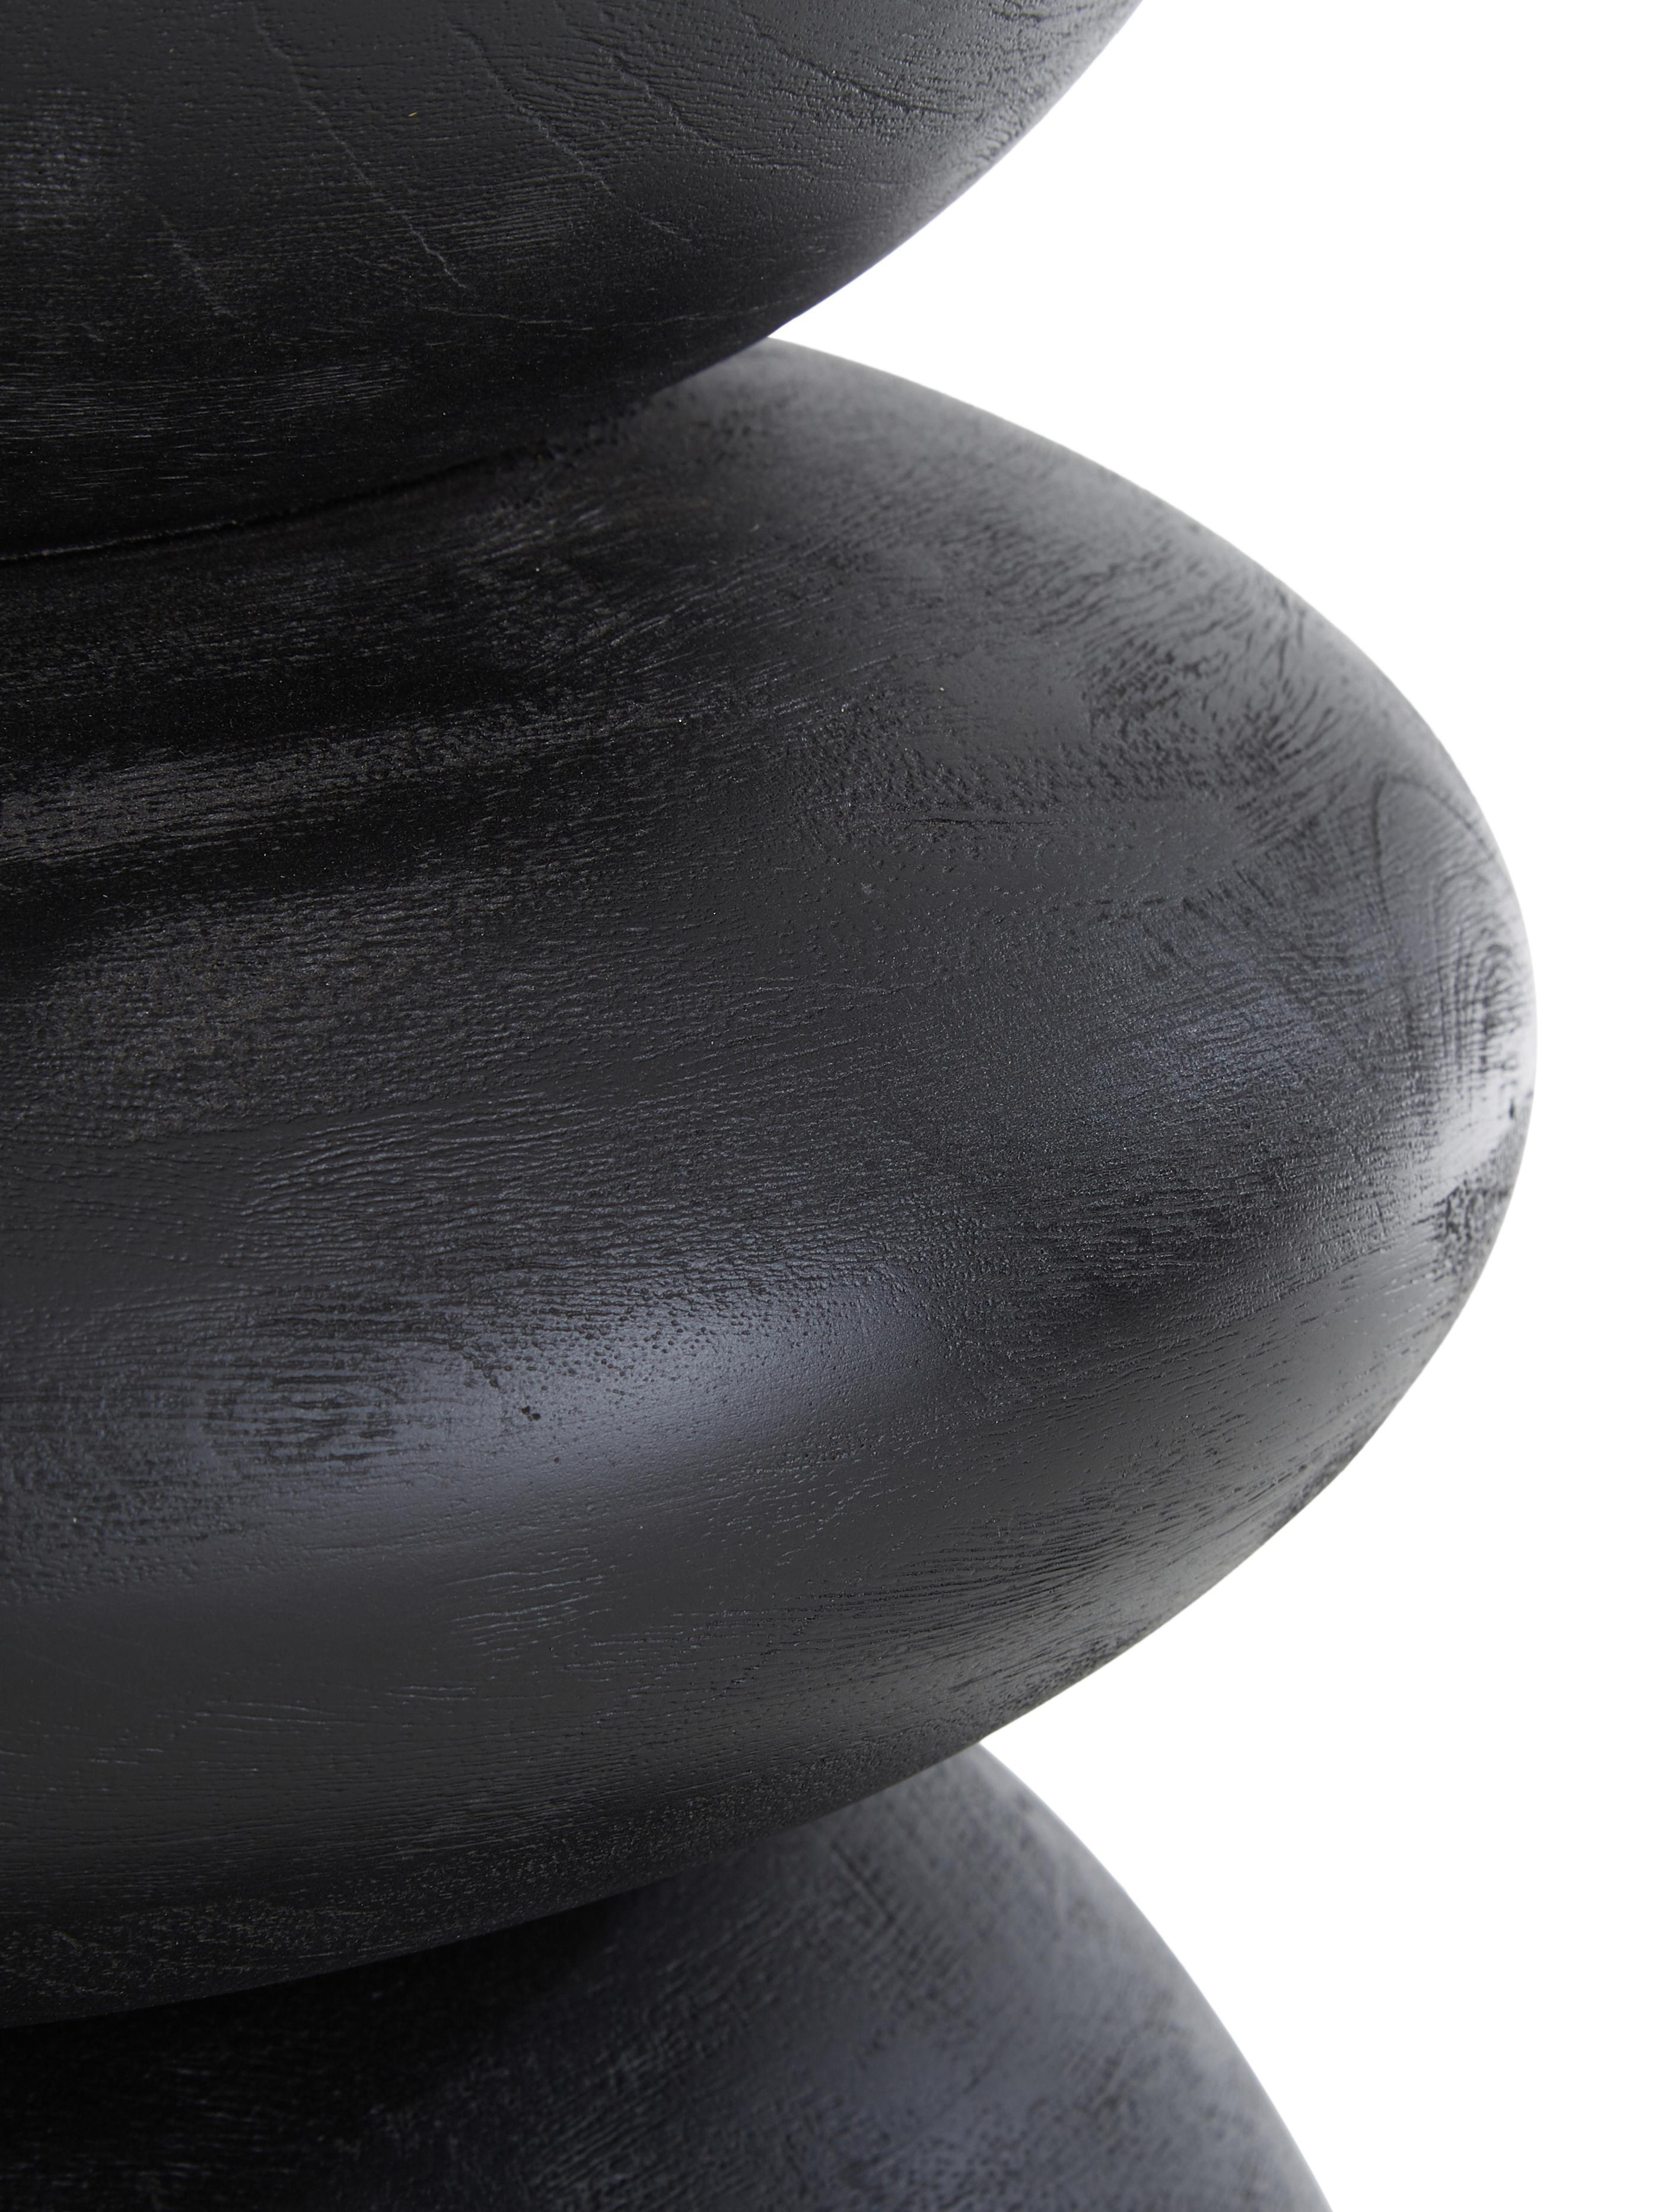 Tavolino rotondo in legno di mango  Benno, Legno di mango massiccio, verniciato, Legno di mango, nero verniciato, Ø 35 x Alt. 50 cm